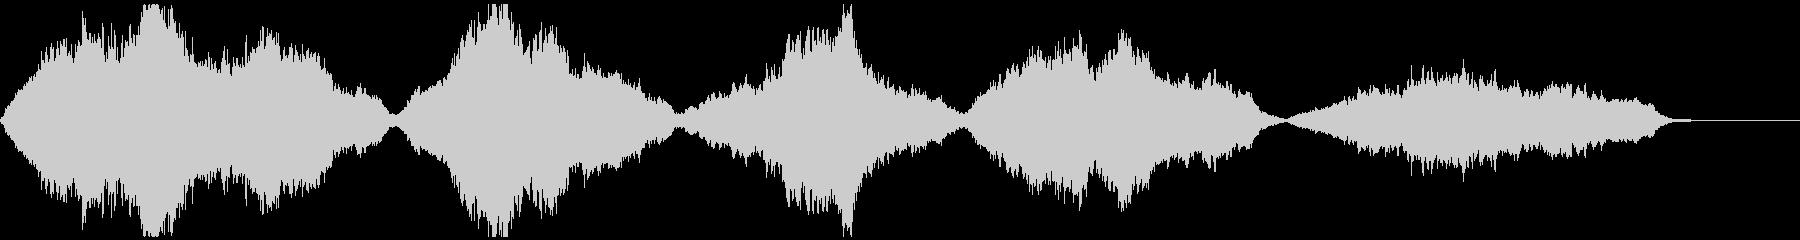 幻想的・感動的なストリングスのカルテットの未再生の波形